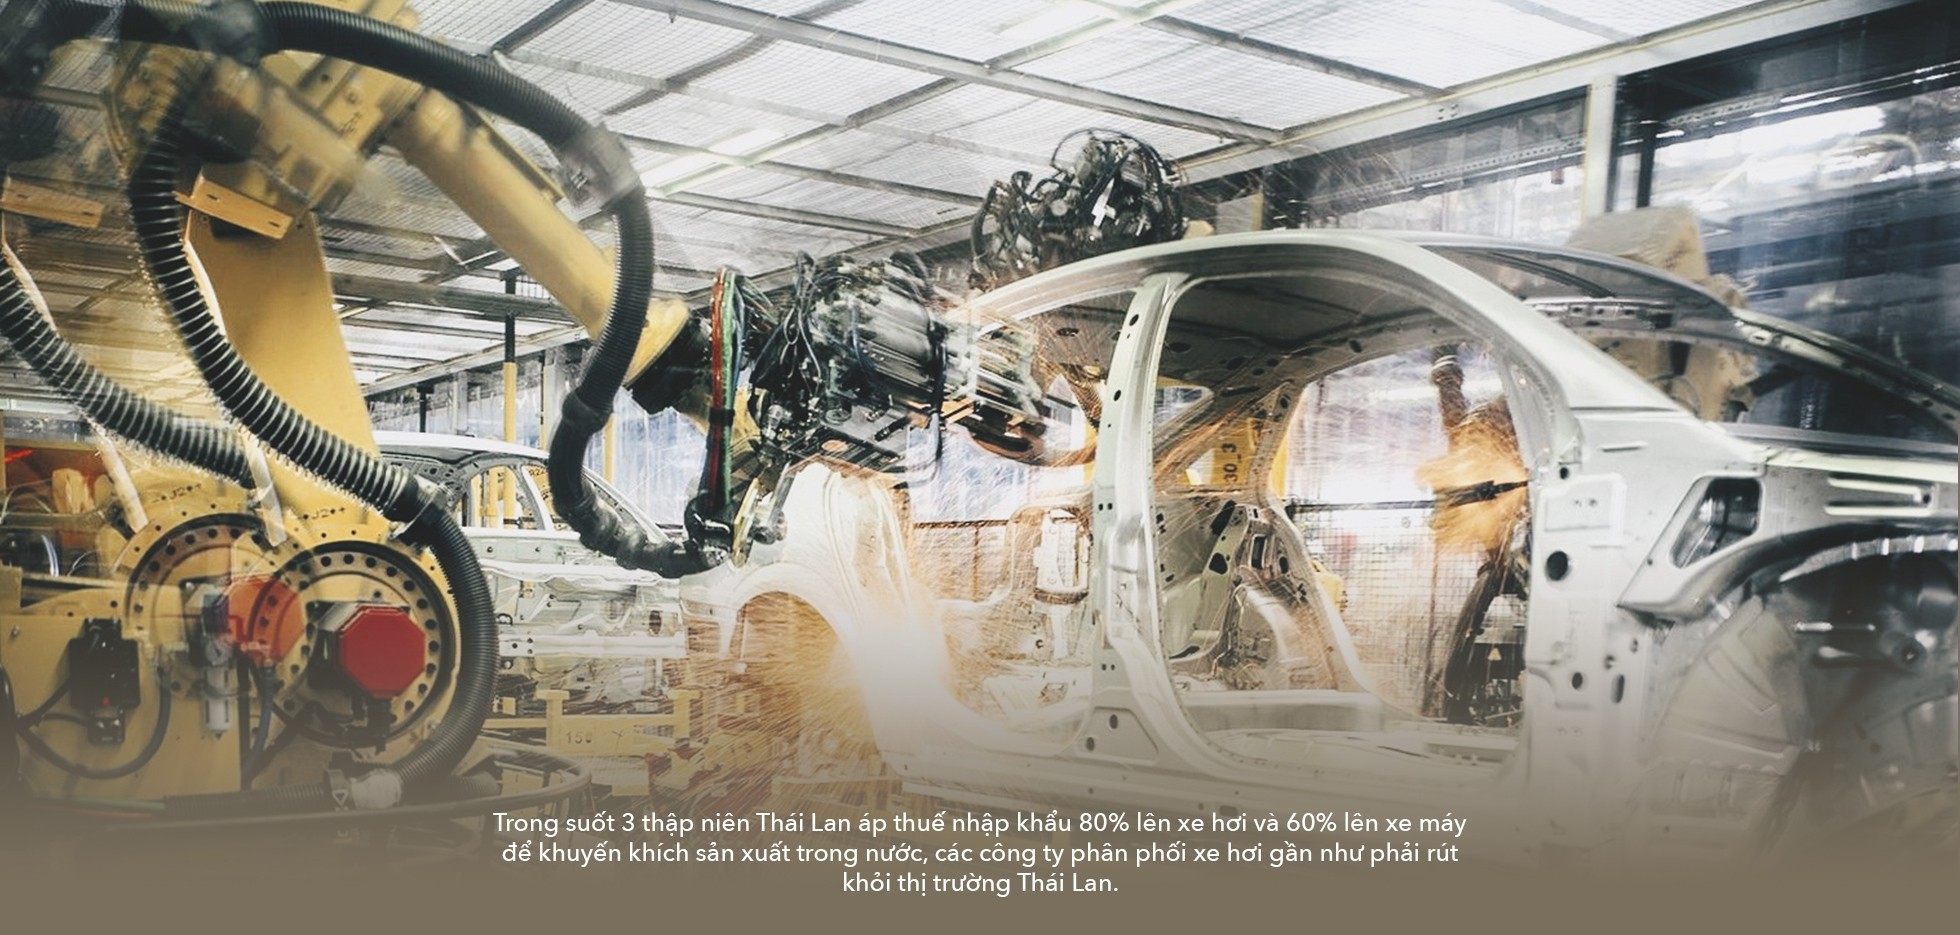 Công nghiệp hỗ trợ cho xe hơi: Trông người Thái mà ngẫm đến ta - Ảnh 13.